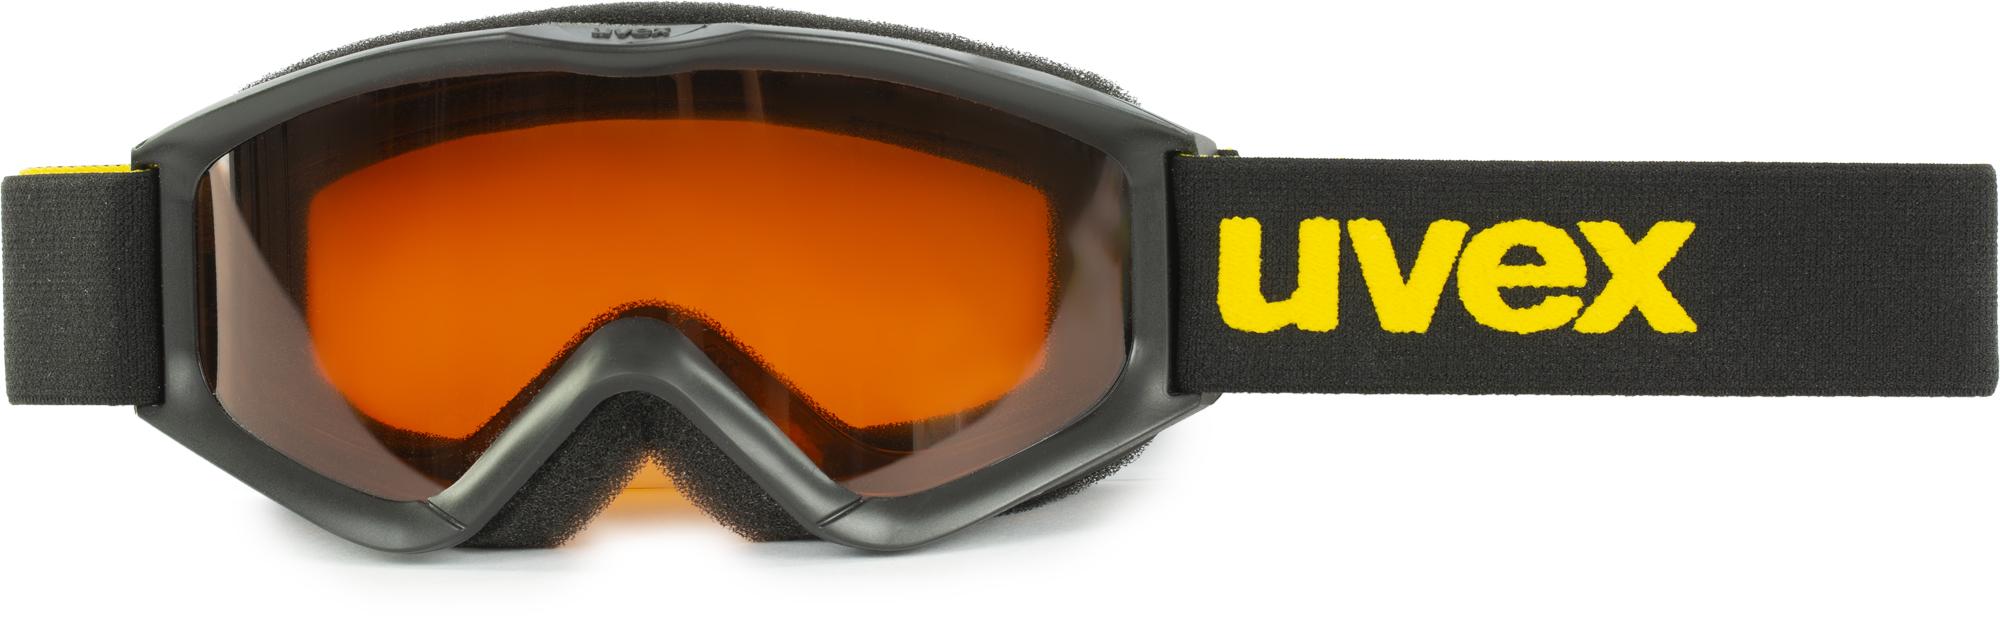 Uvex Маска горнолыжная детская Speedy Pro